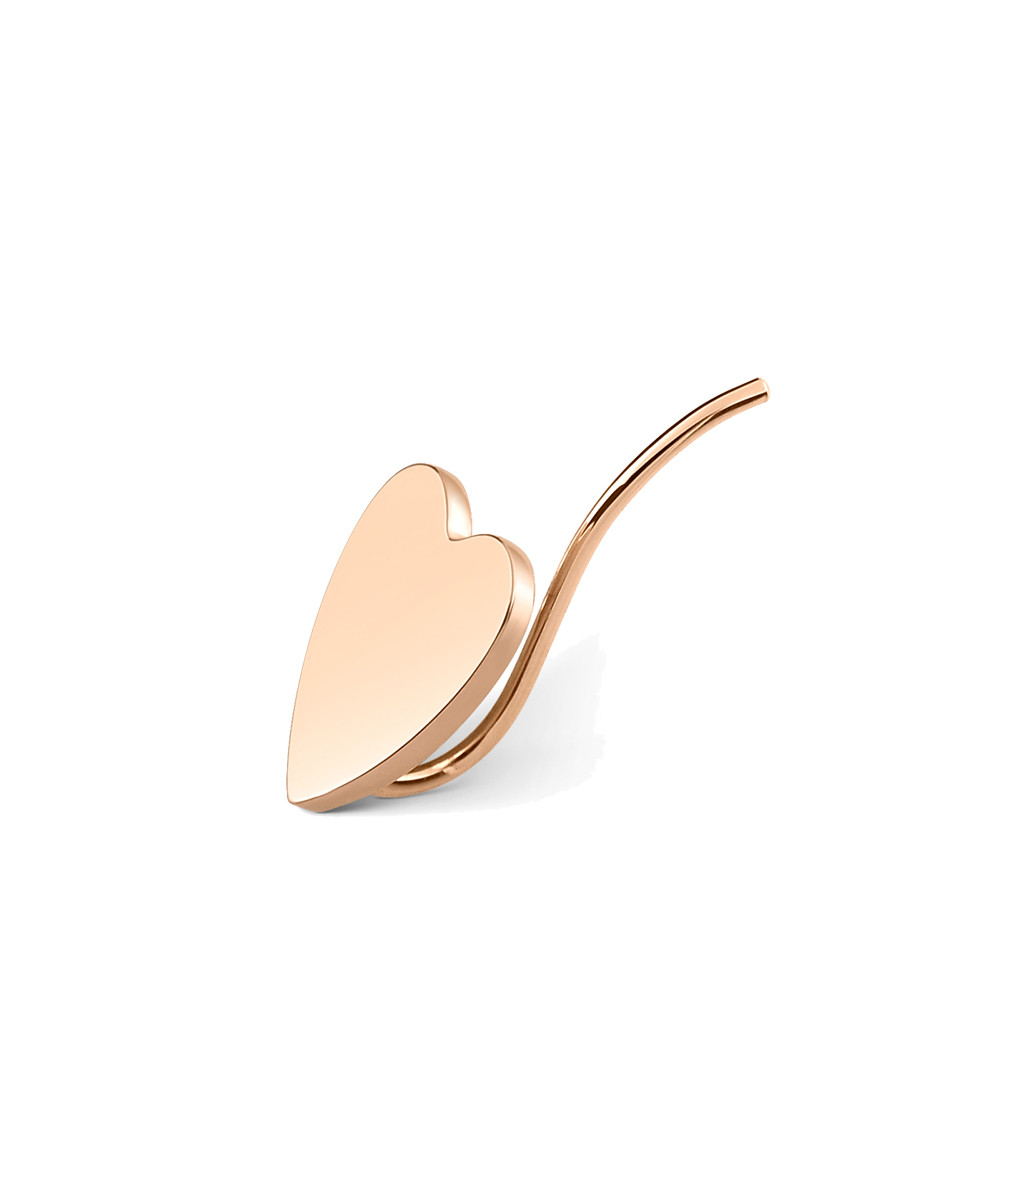 GINETTE_NY - Boucle d'oreille Angele Mini Coeur (unité)